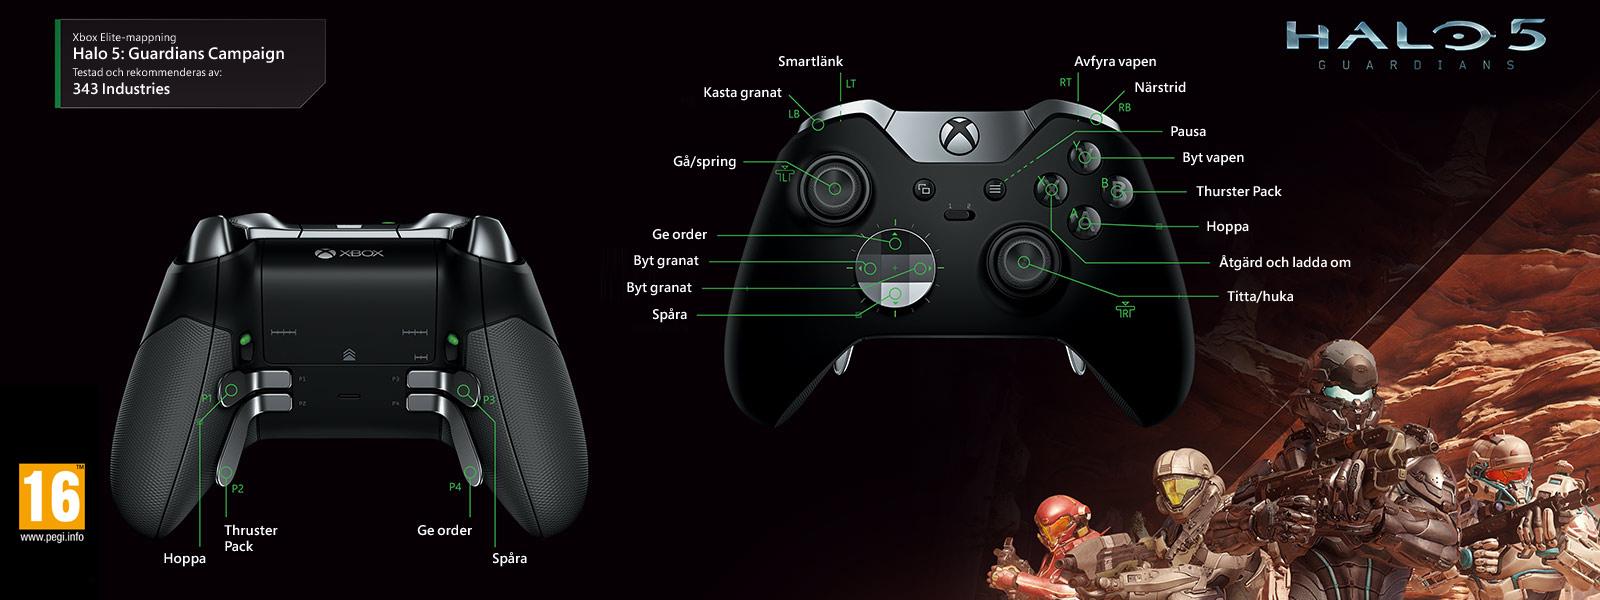 Halo 5: Guardians – Elite-mappning för kampanj